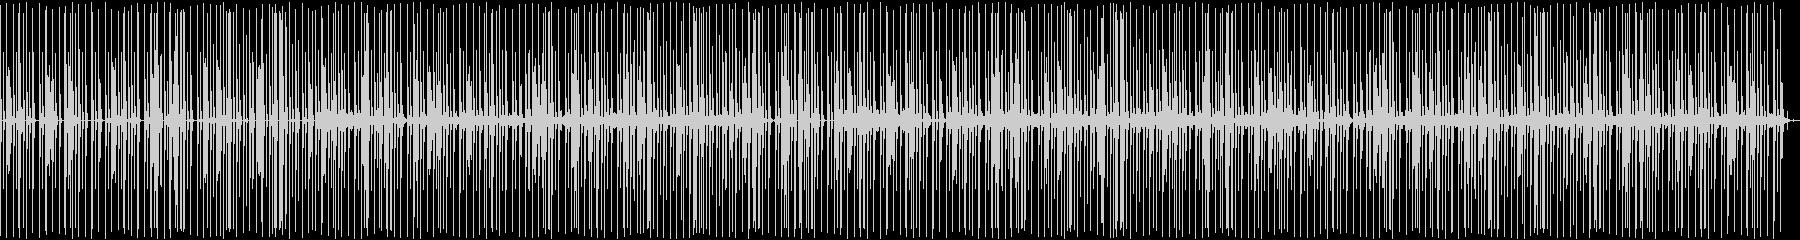 筋トレ向けゆったりボイスパーカッションの未再生の波形